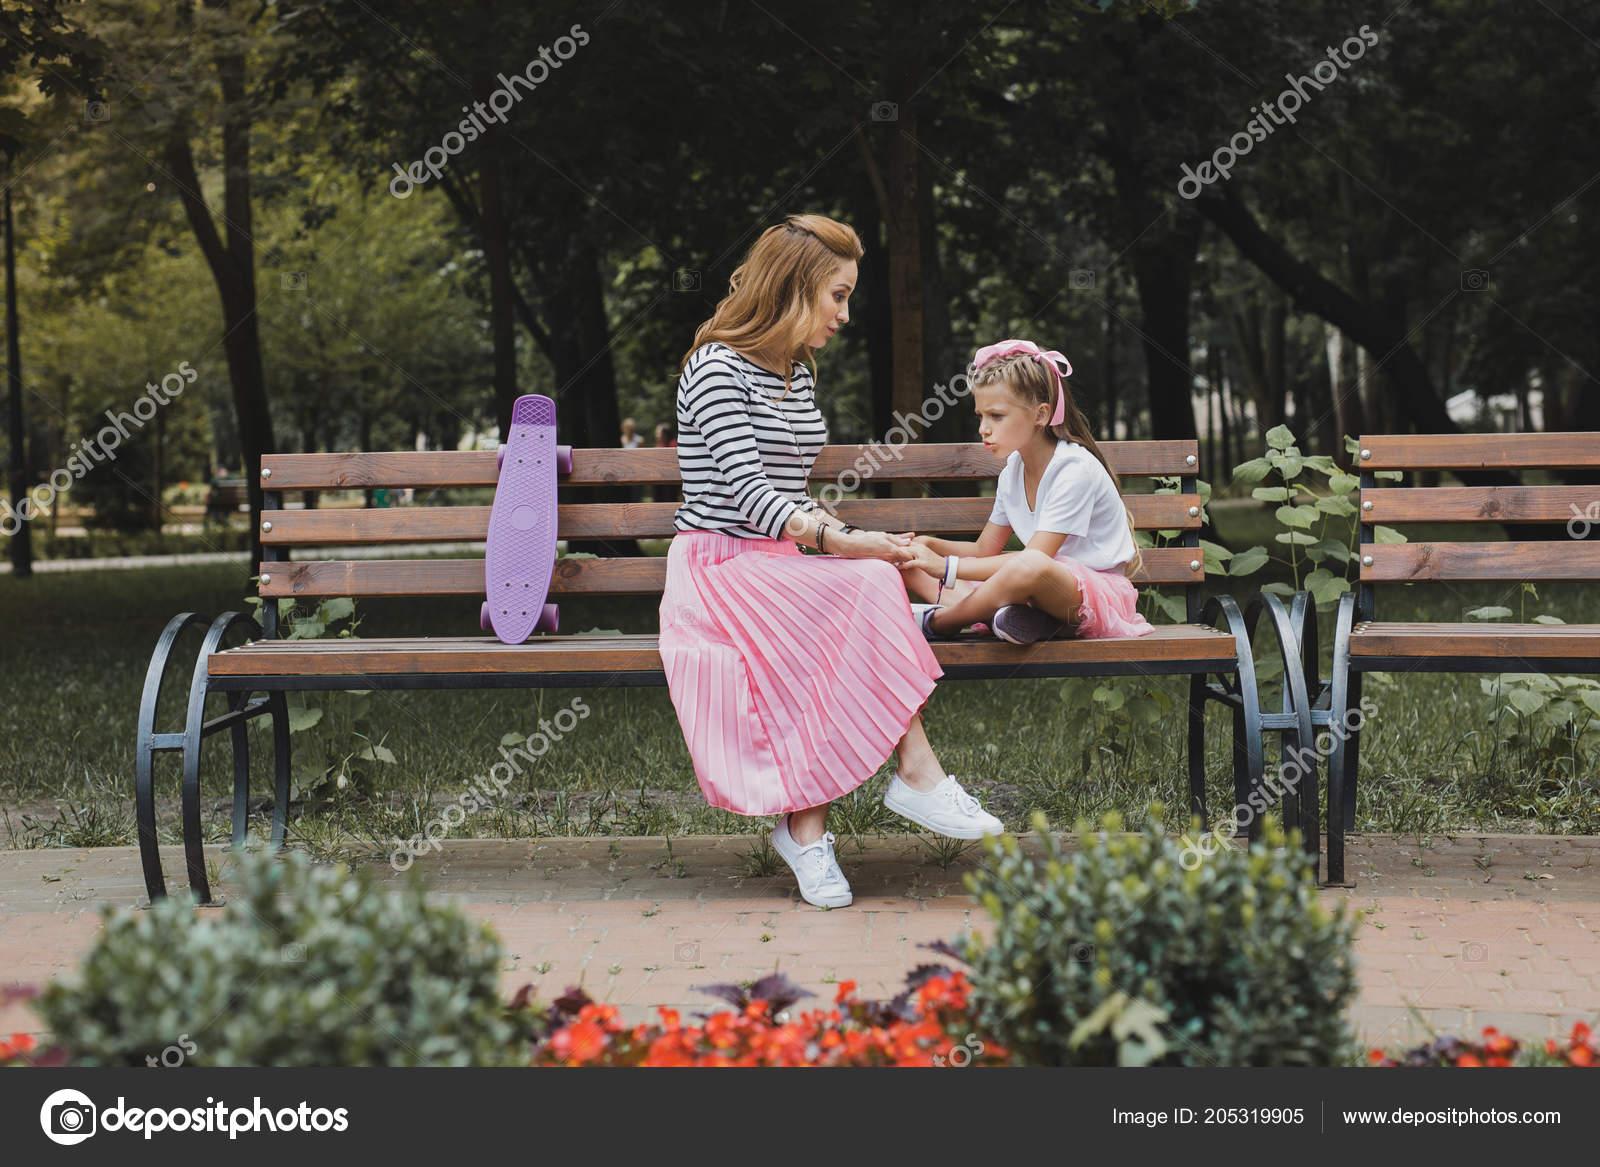 Op Een Bankje.Modieuze Moeder Zittend Op Een Bankje In Het Park In De Buurt Van